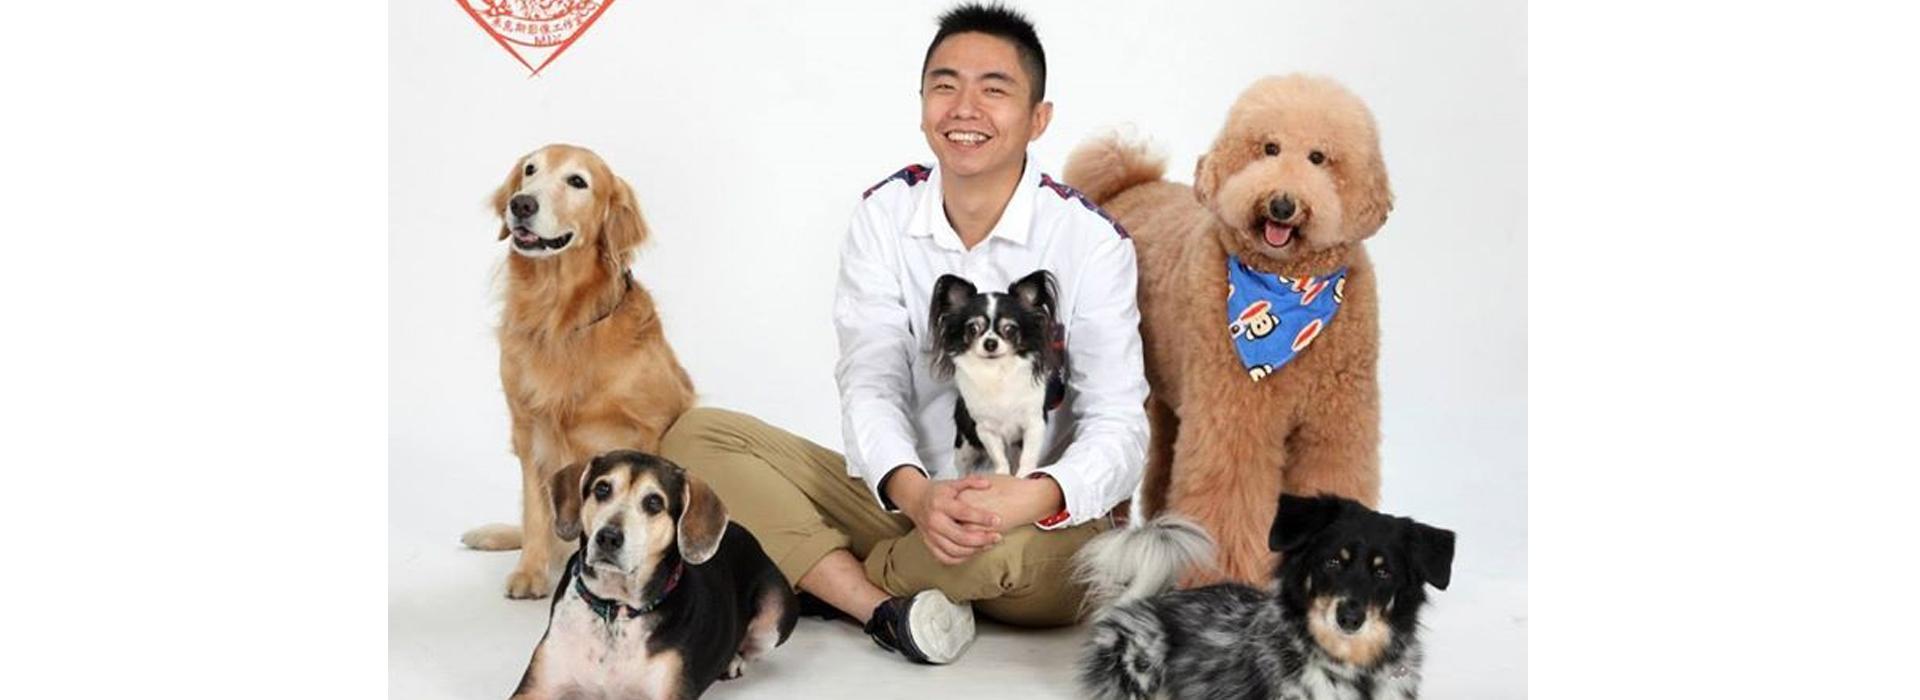 6大提案  營造人狗減壓環境—熊爸的「搶救生活秩序大作戰」!